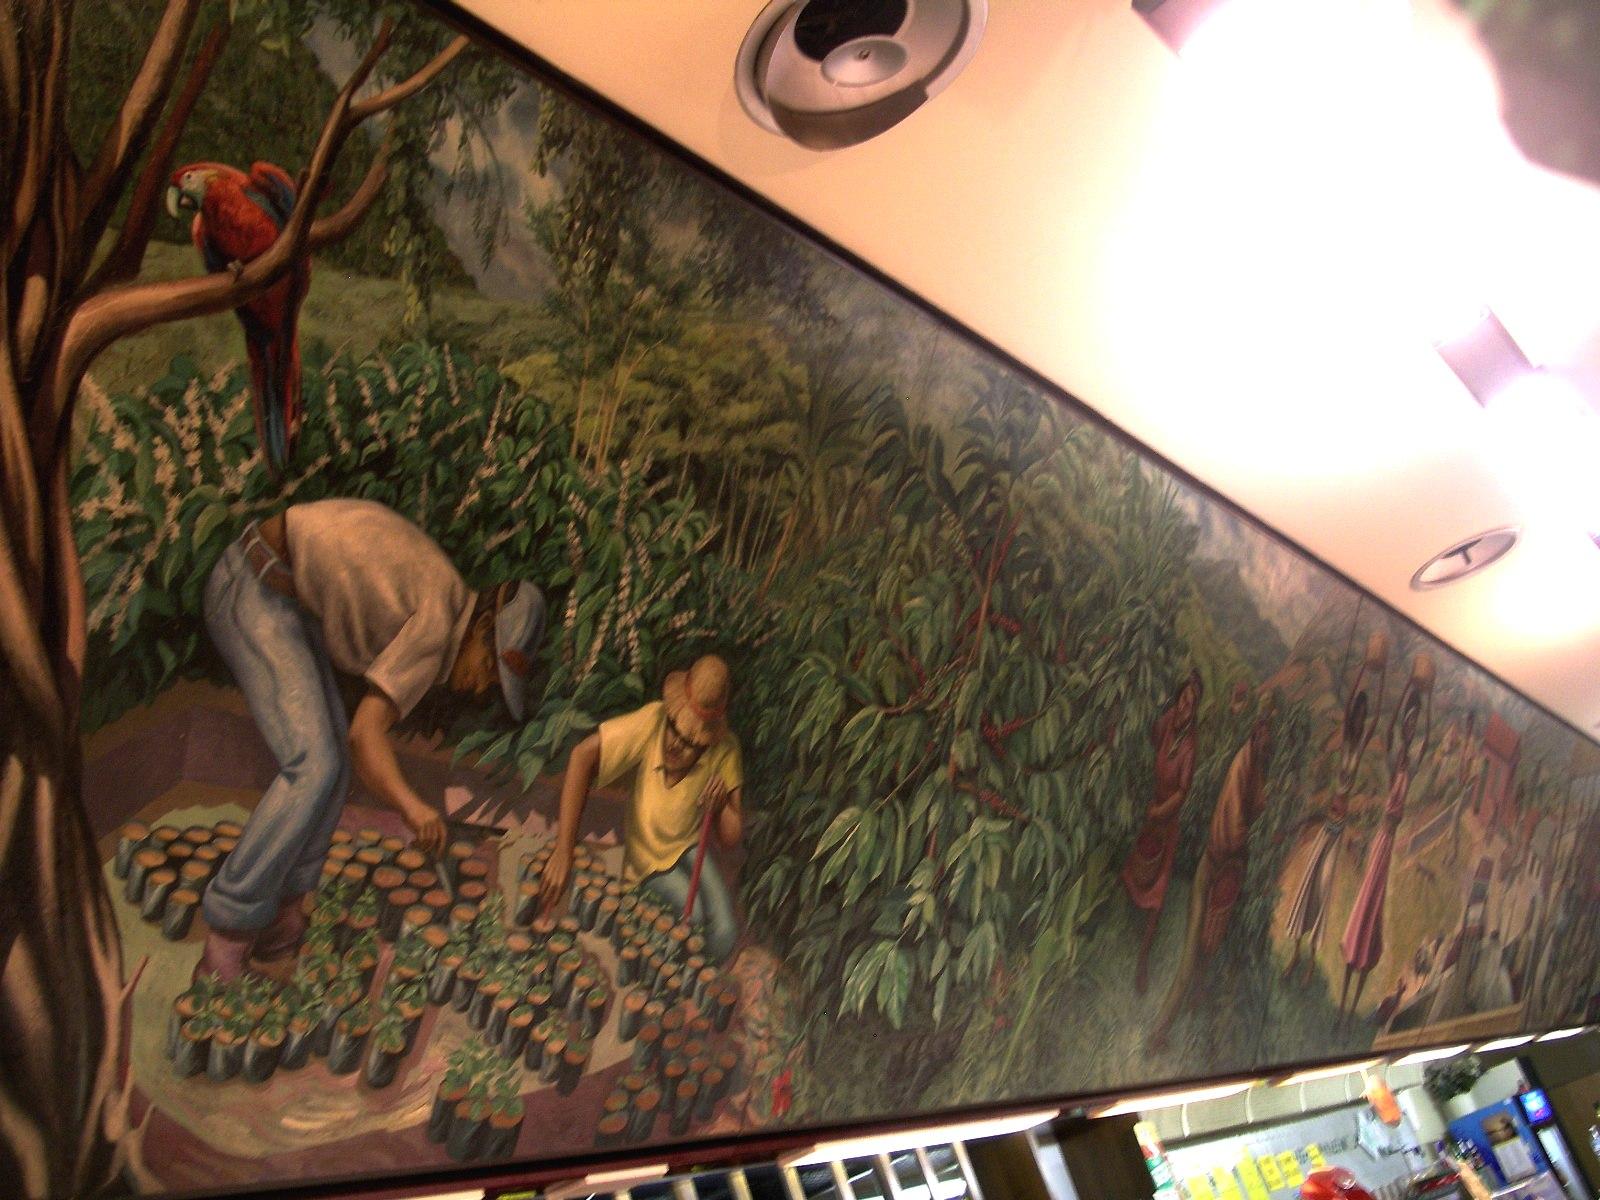 1988-1f    LA STORIA DEL CAFFE'- murale mobile. Centro Commerciale Laghi, Gallarate